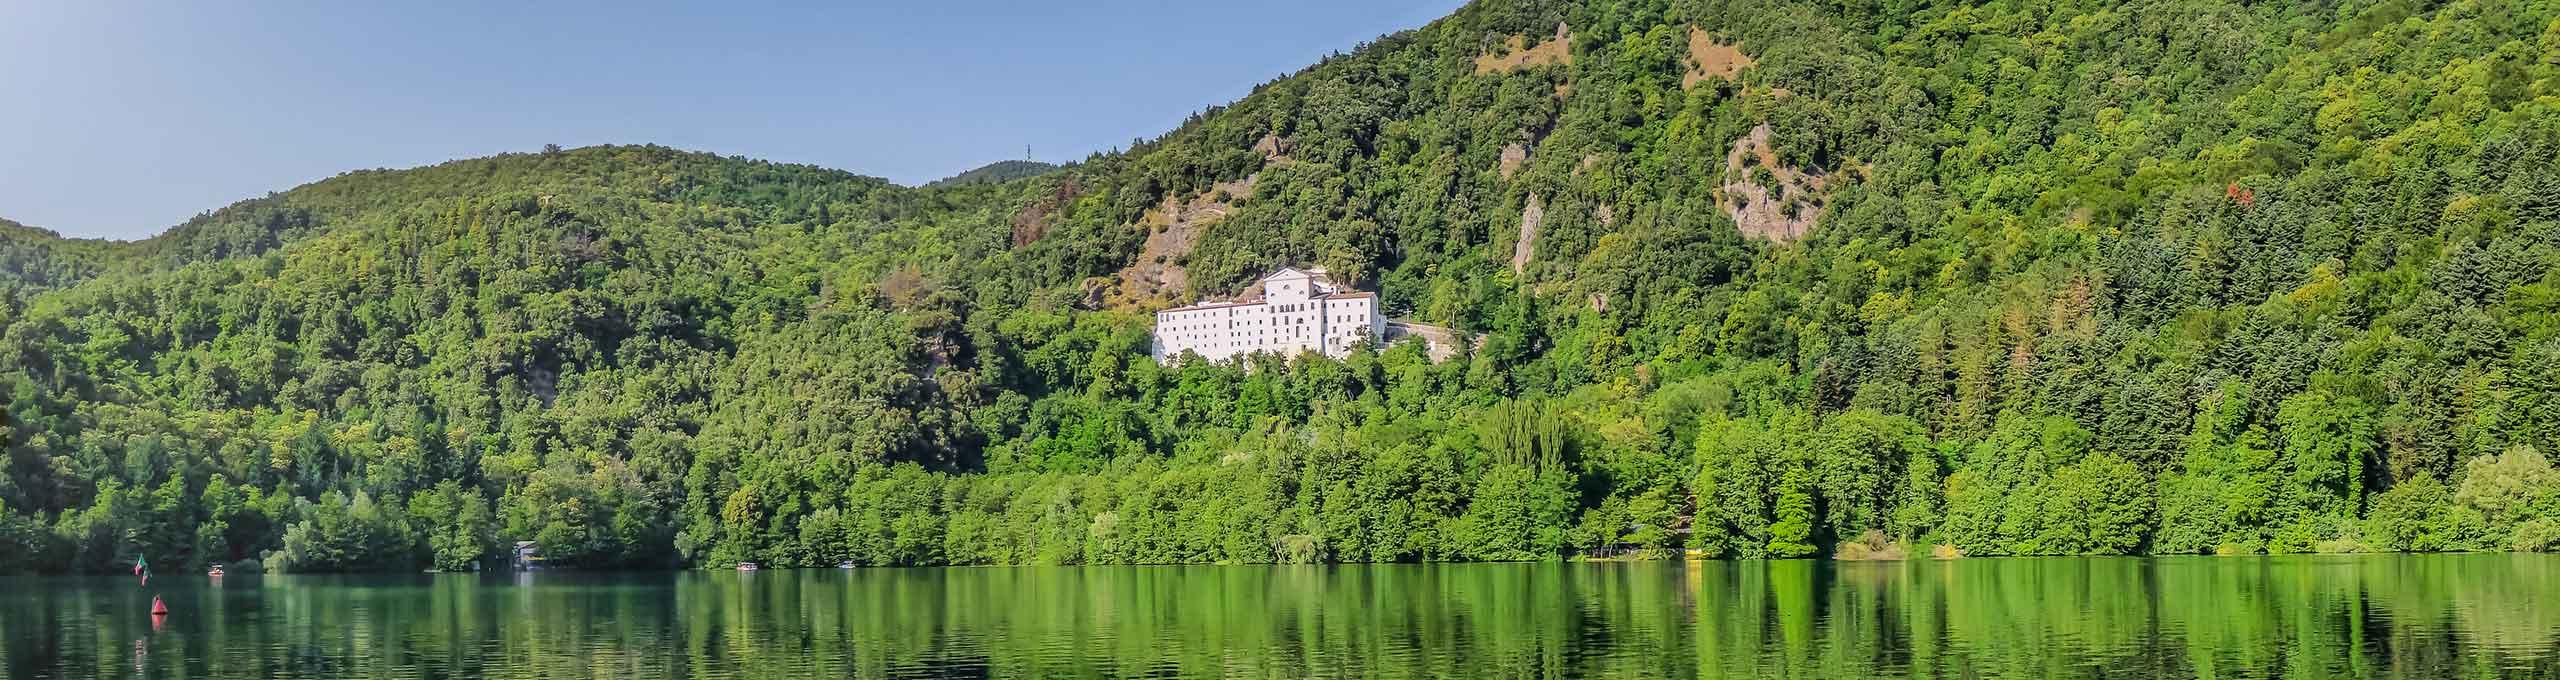 Monte Vulture visto dal lago di Monticchio, al centro l'Abbazia di San Michele Arcangelo